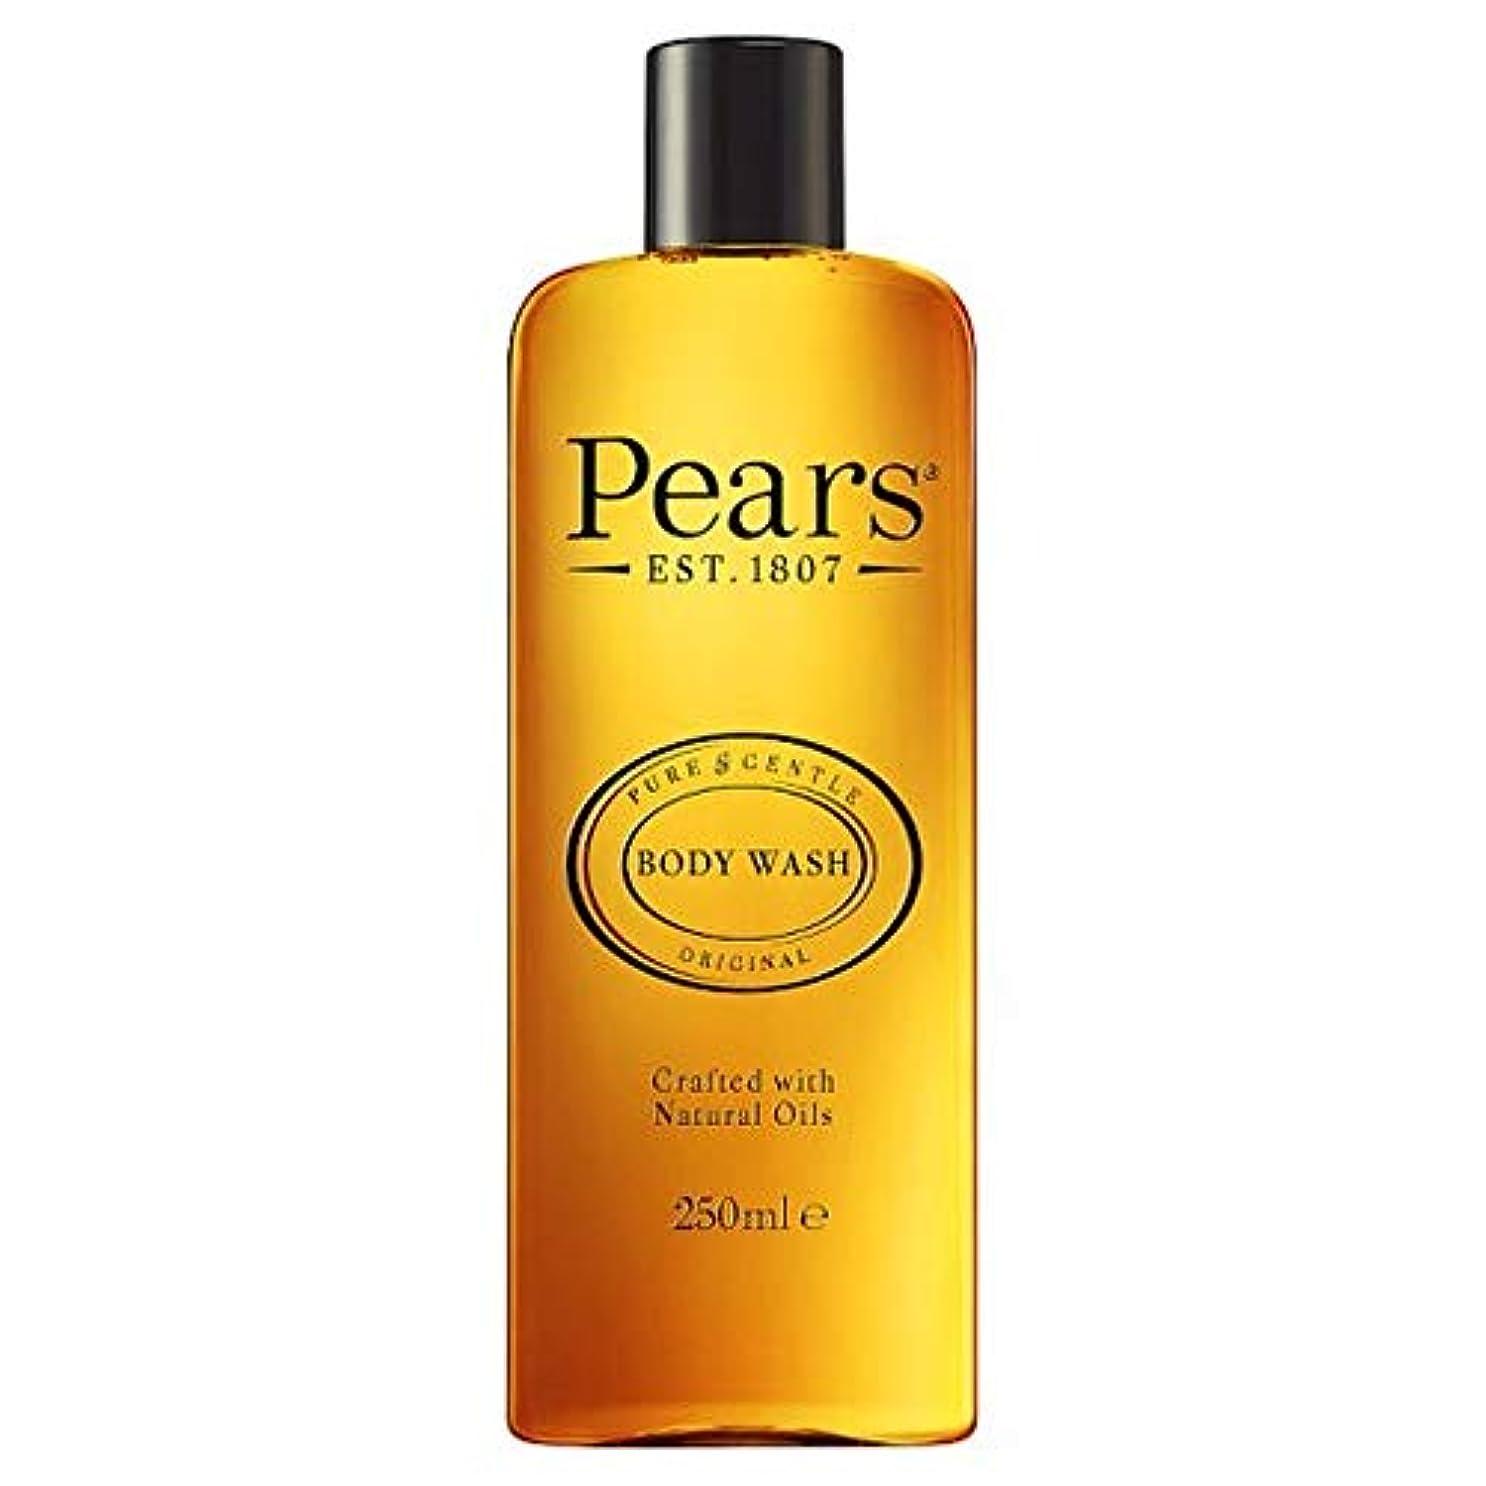 好奇心くそー本土[Pears] 梨シャワージェル250ミリリットル - Pears Shower Gel 250Ml [並行輸入品]